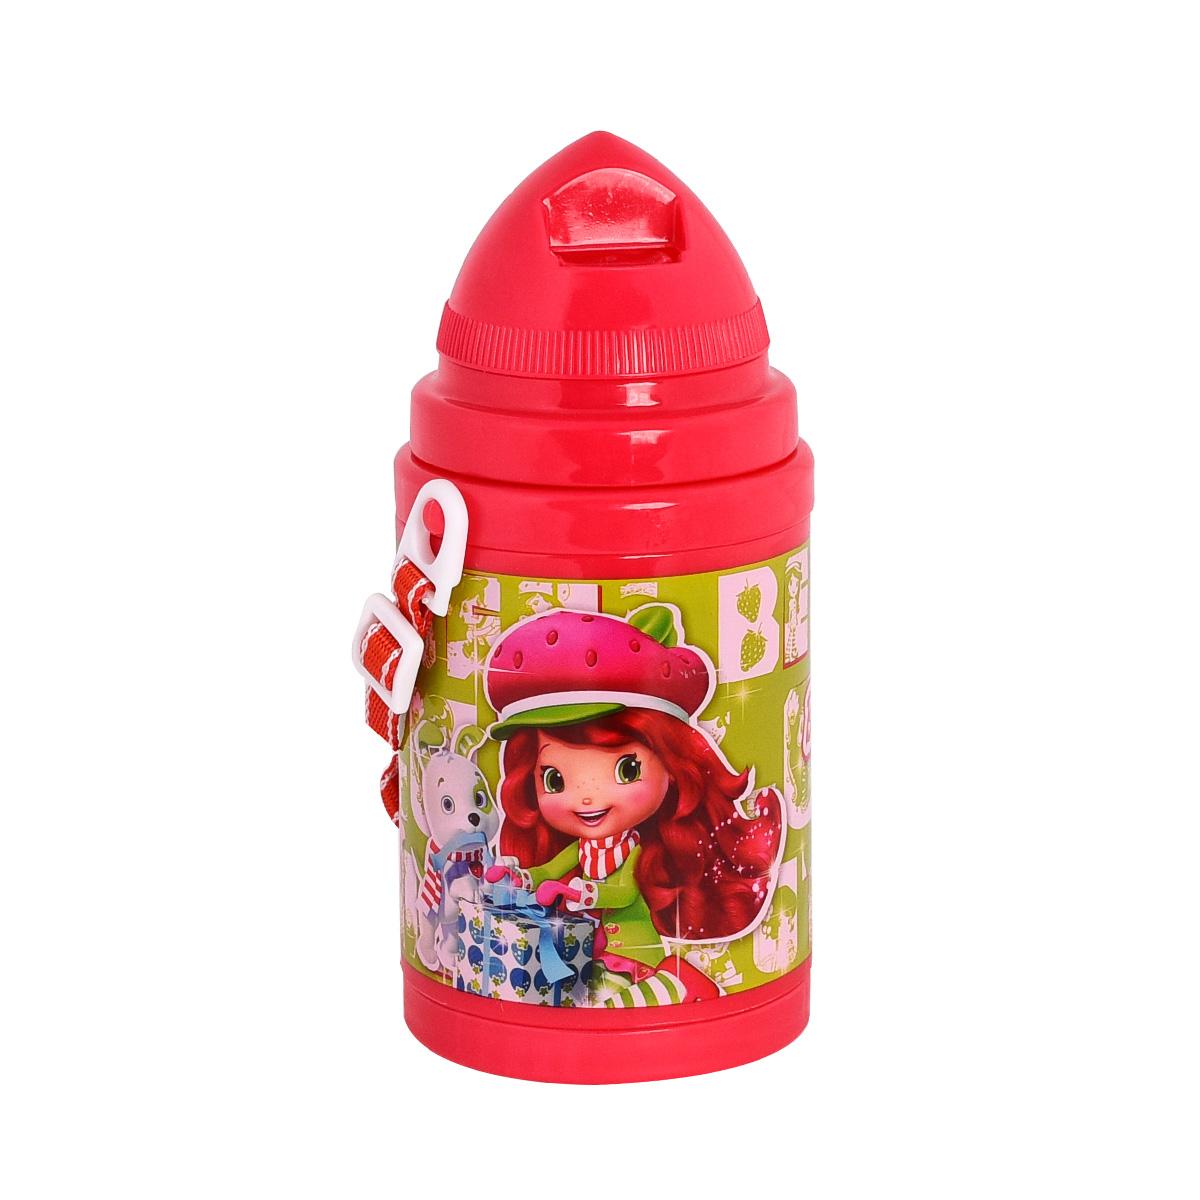 قارورة ماء مدرسية بلاستيكية لاطفال الروضه - بيوتي جيرل